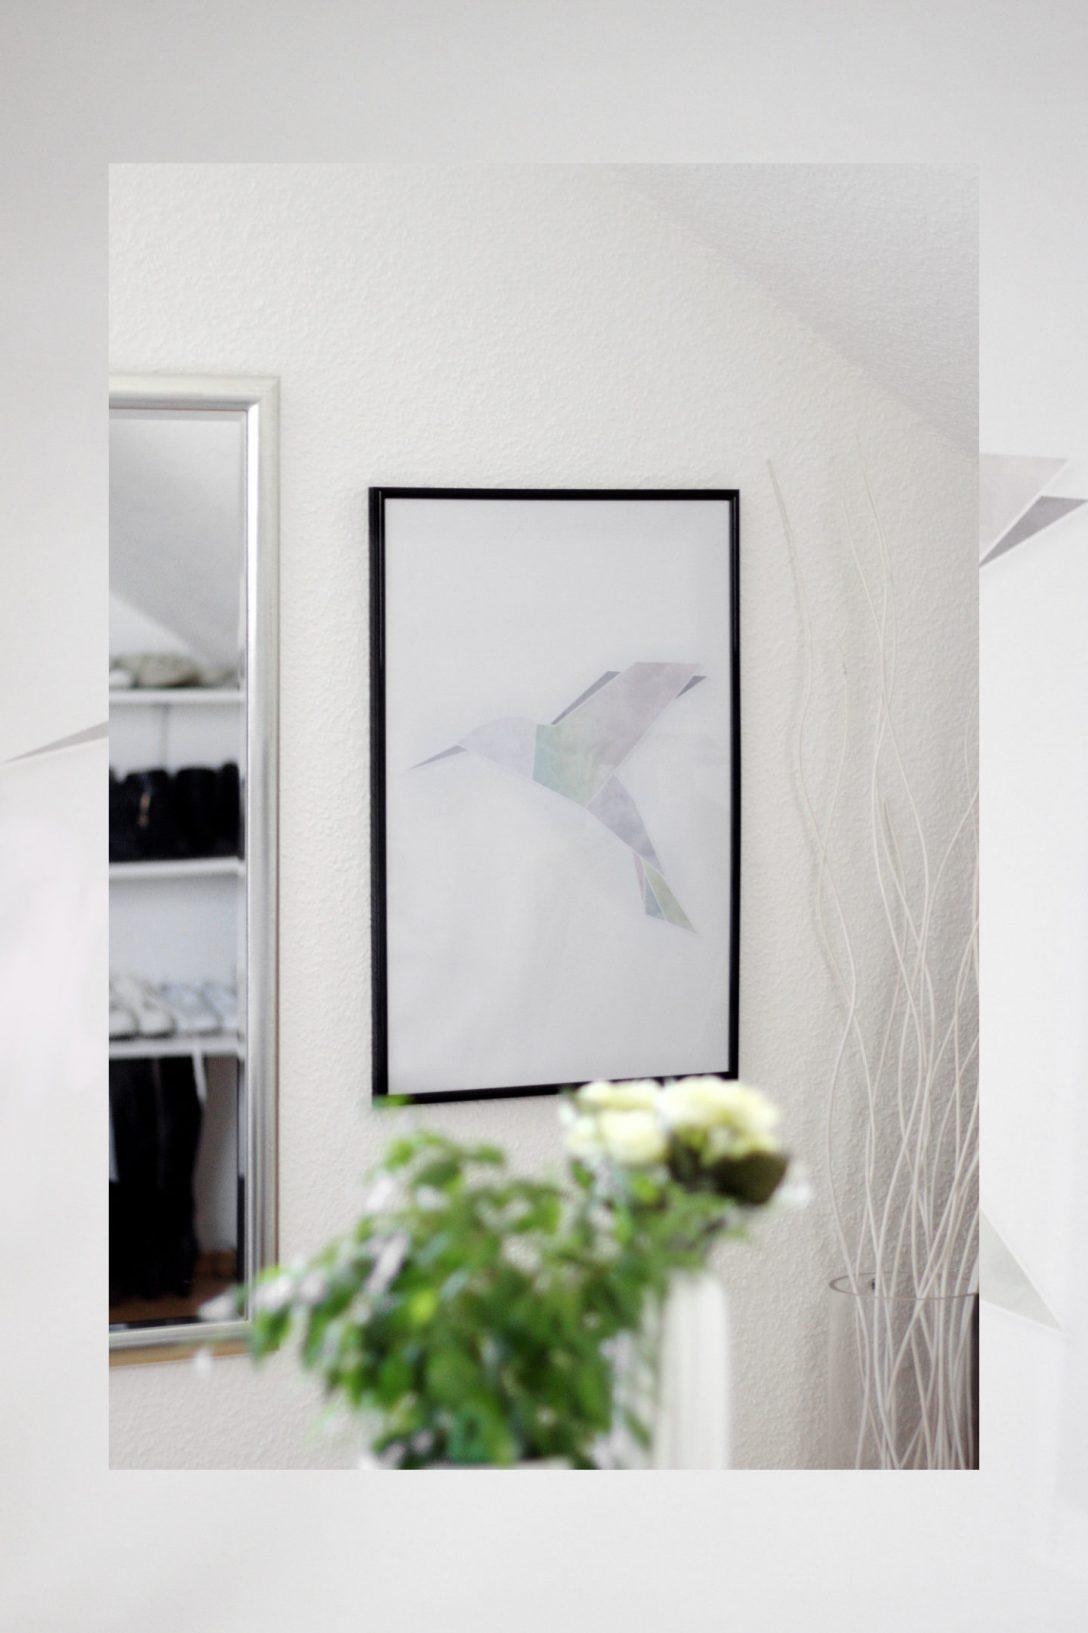 Large Size of Wandbilder Schlafzimmer Minimalistisch Interior Wandtattoo Klimagerät Für Komplett Poco Lampen Deckenleuchten Mit Lattenrost Und Matratze Led Deckenleuchte Schlafzimmer Wandbilder Schlafzimmer